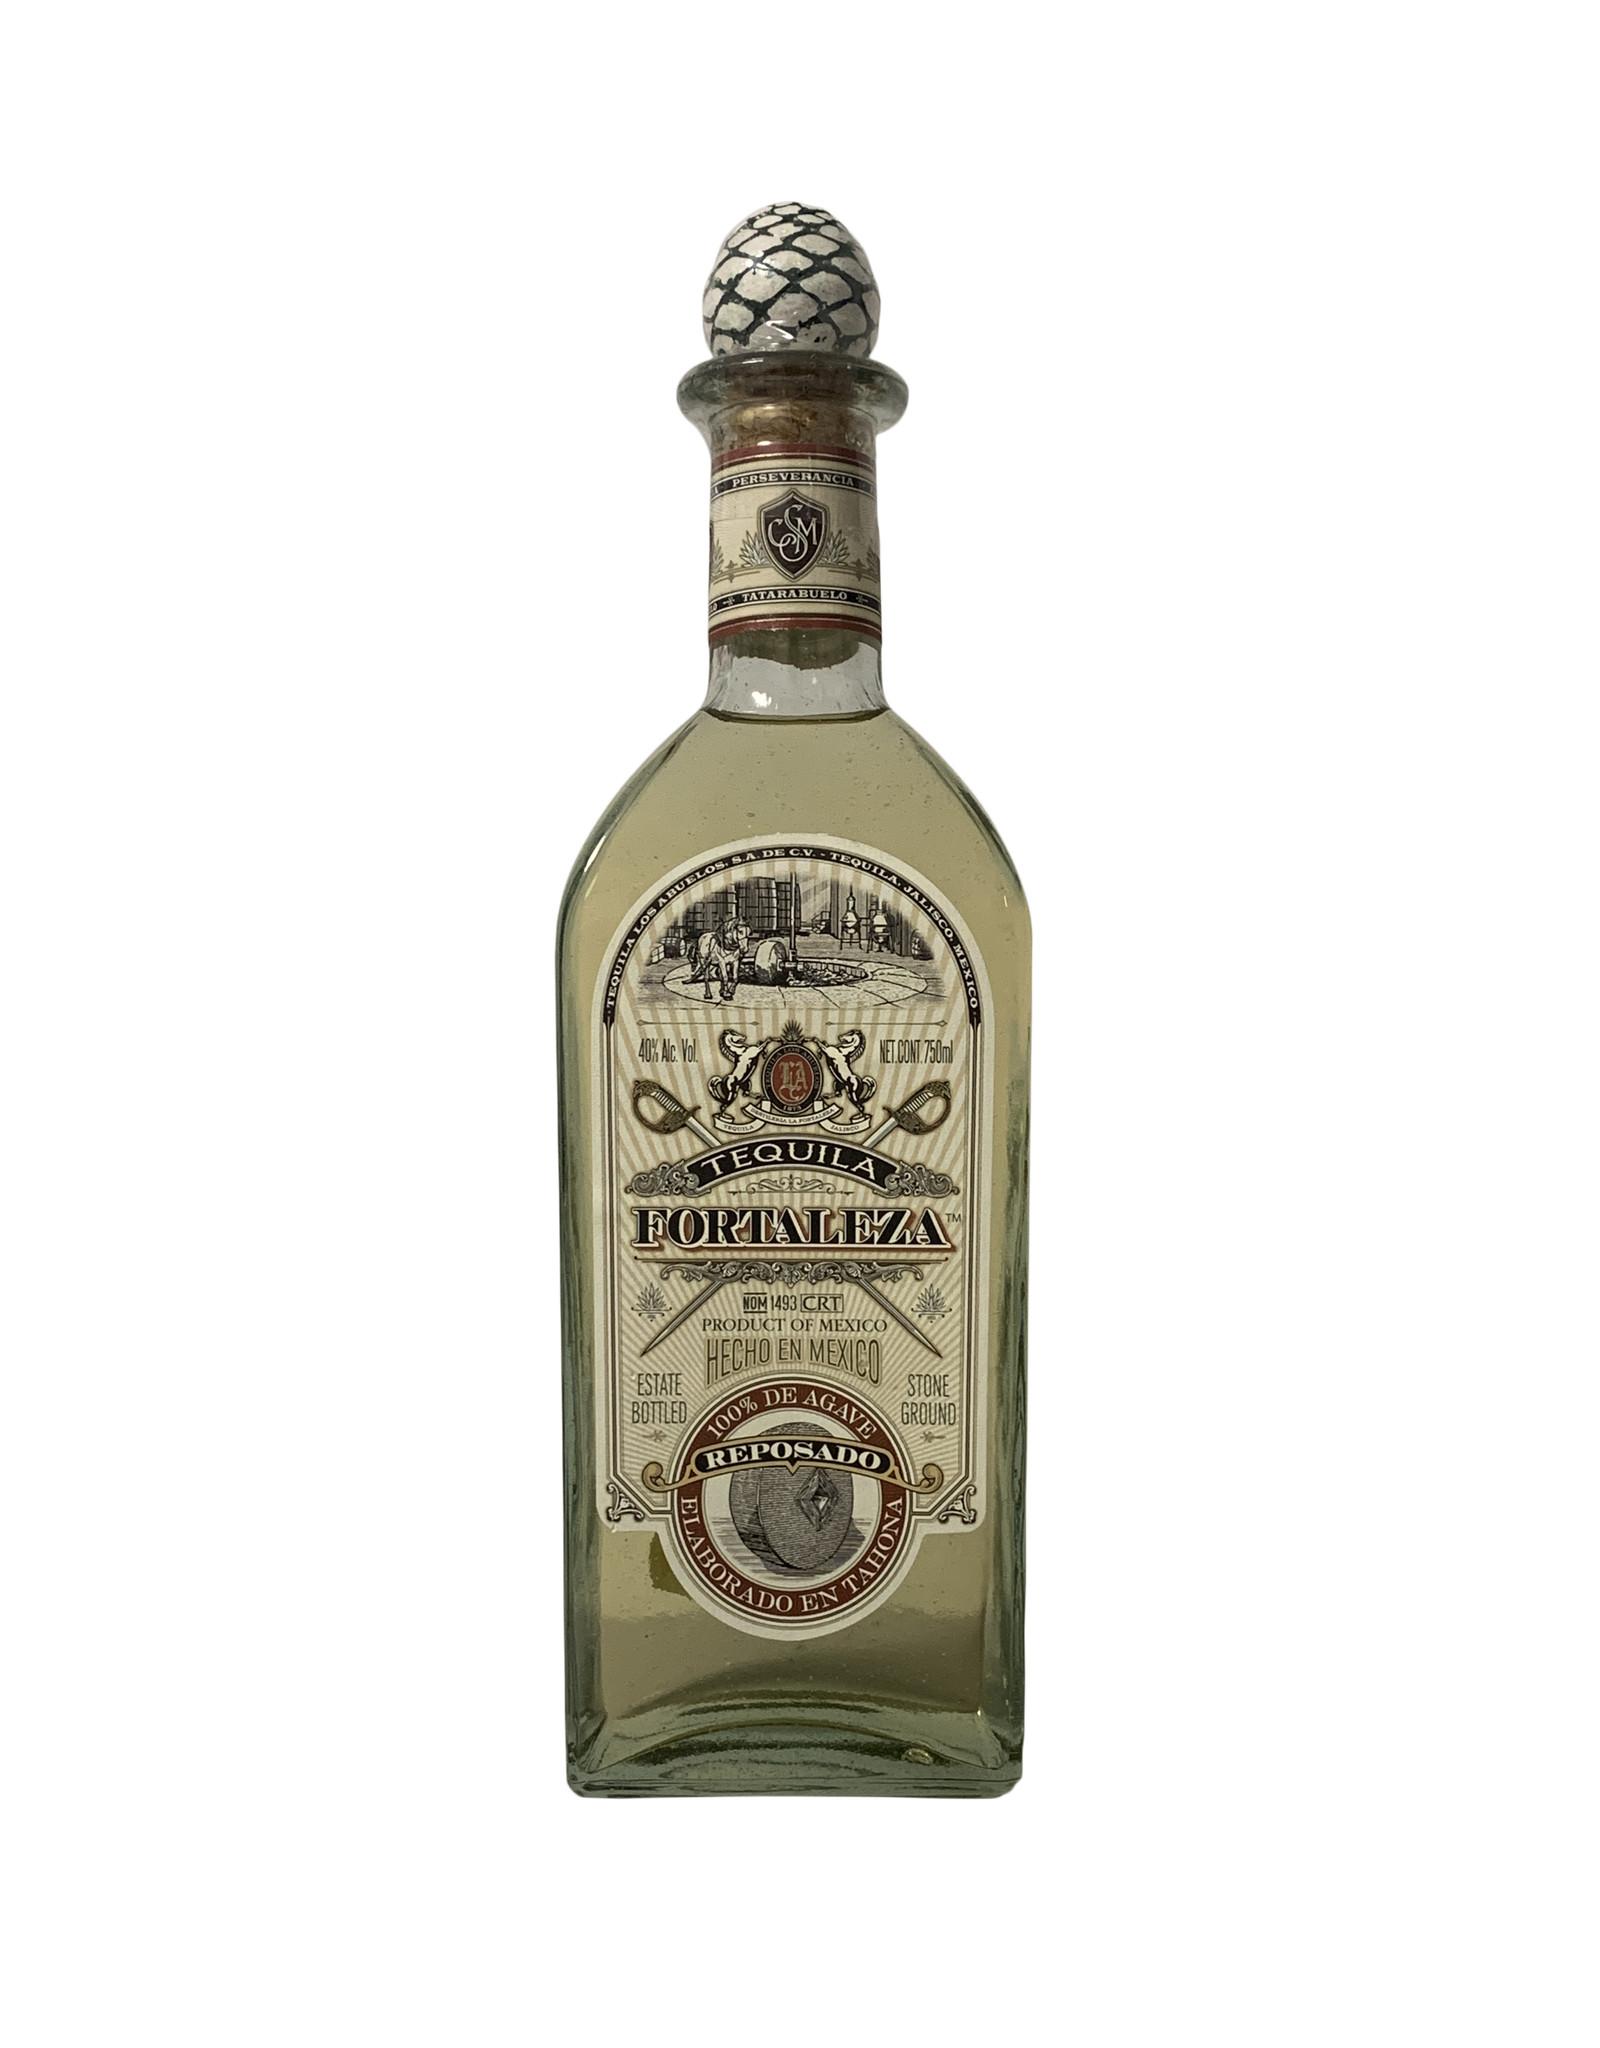 Fortaleza Tequila Reposado, Jalisco, Mexico (750ml)